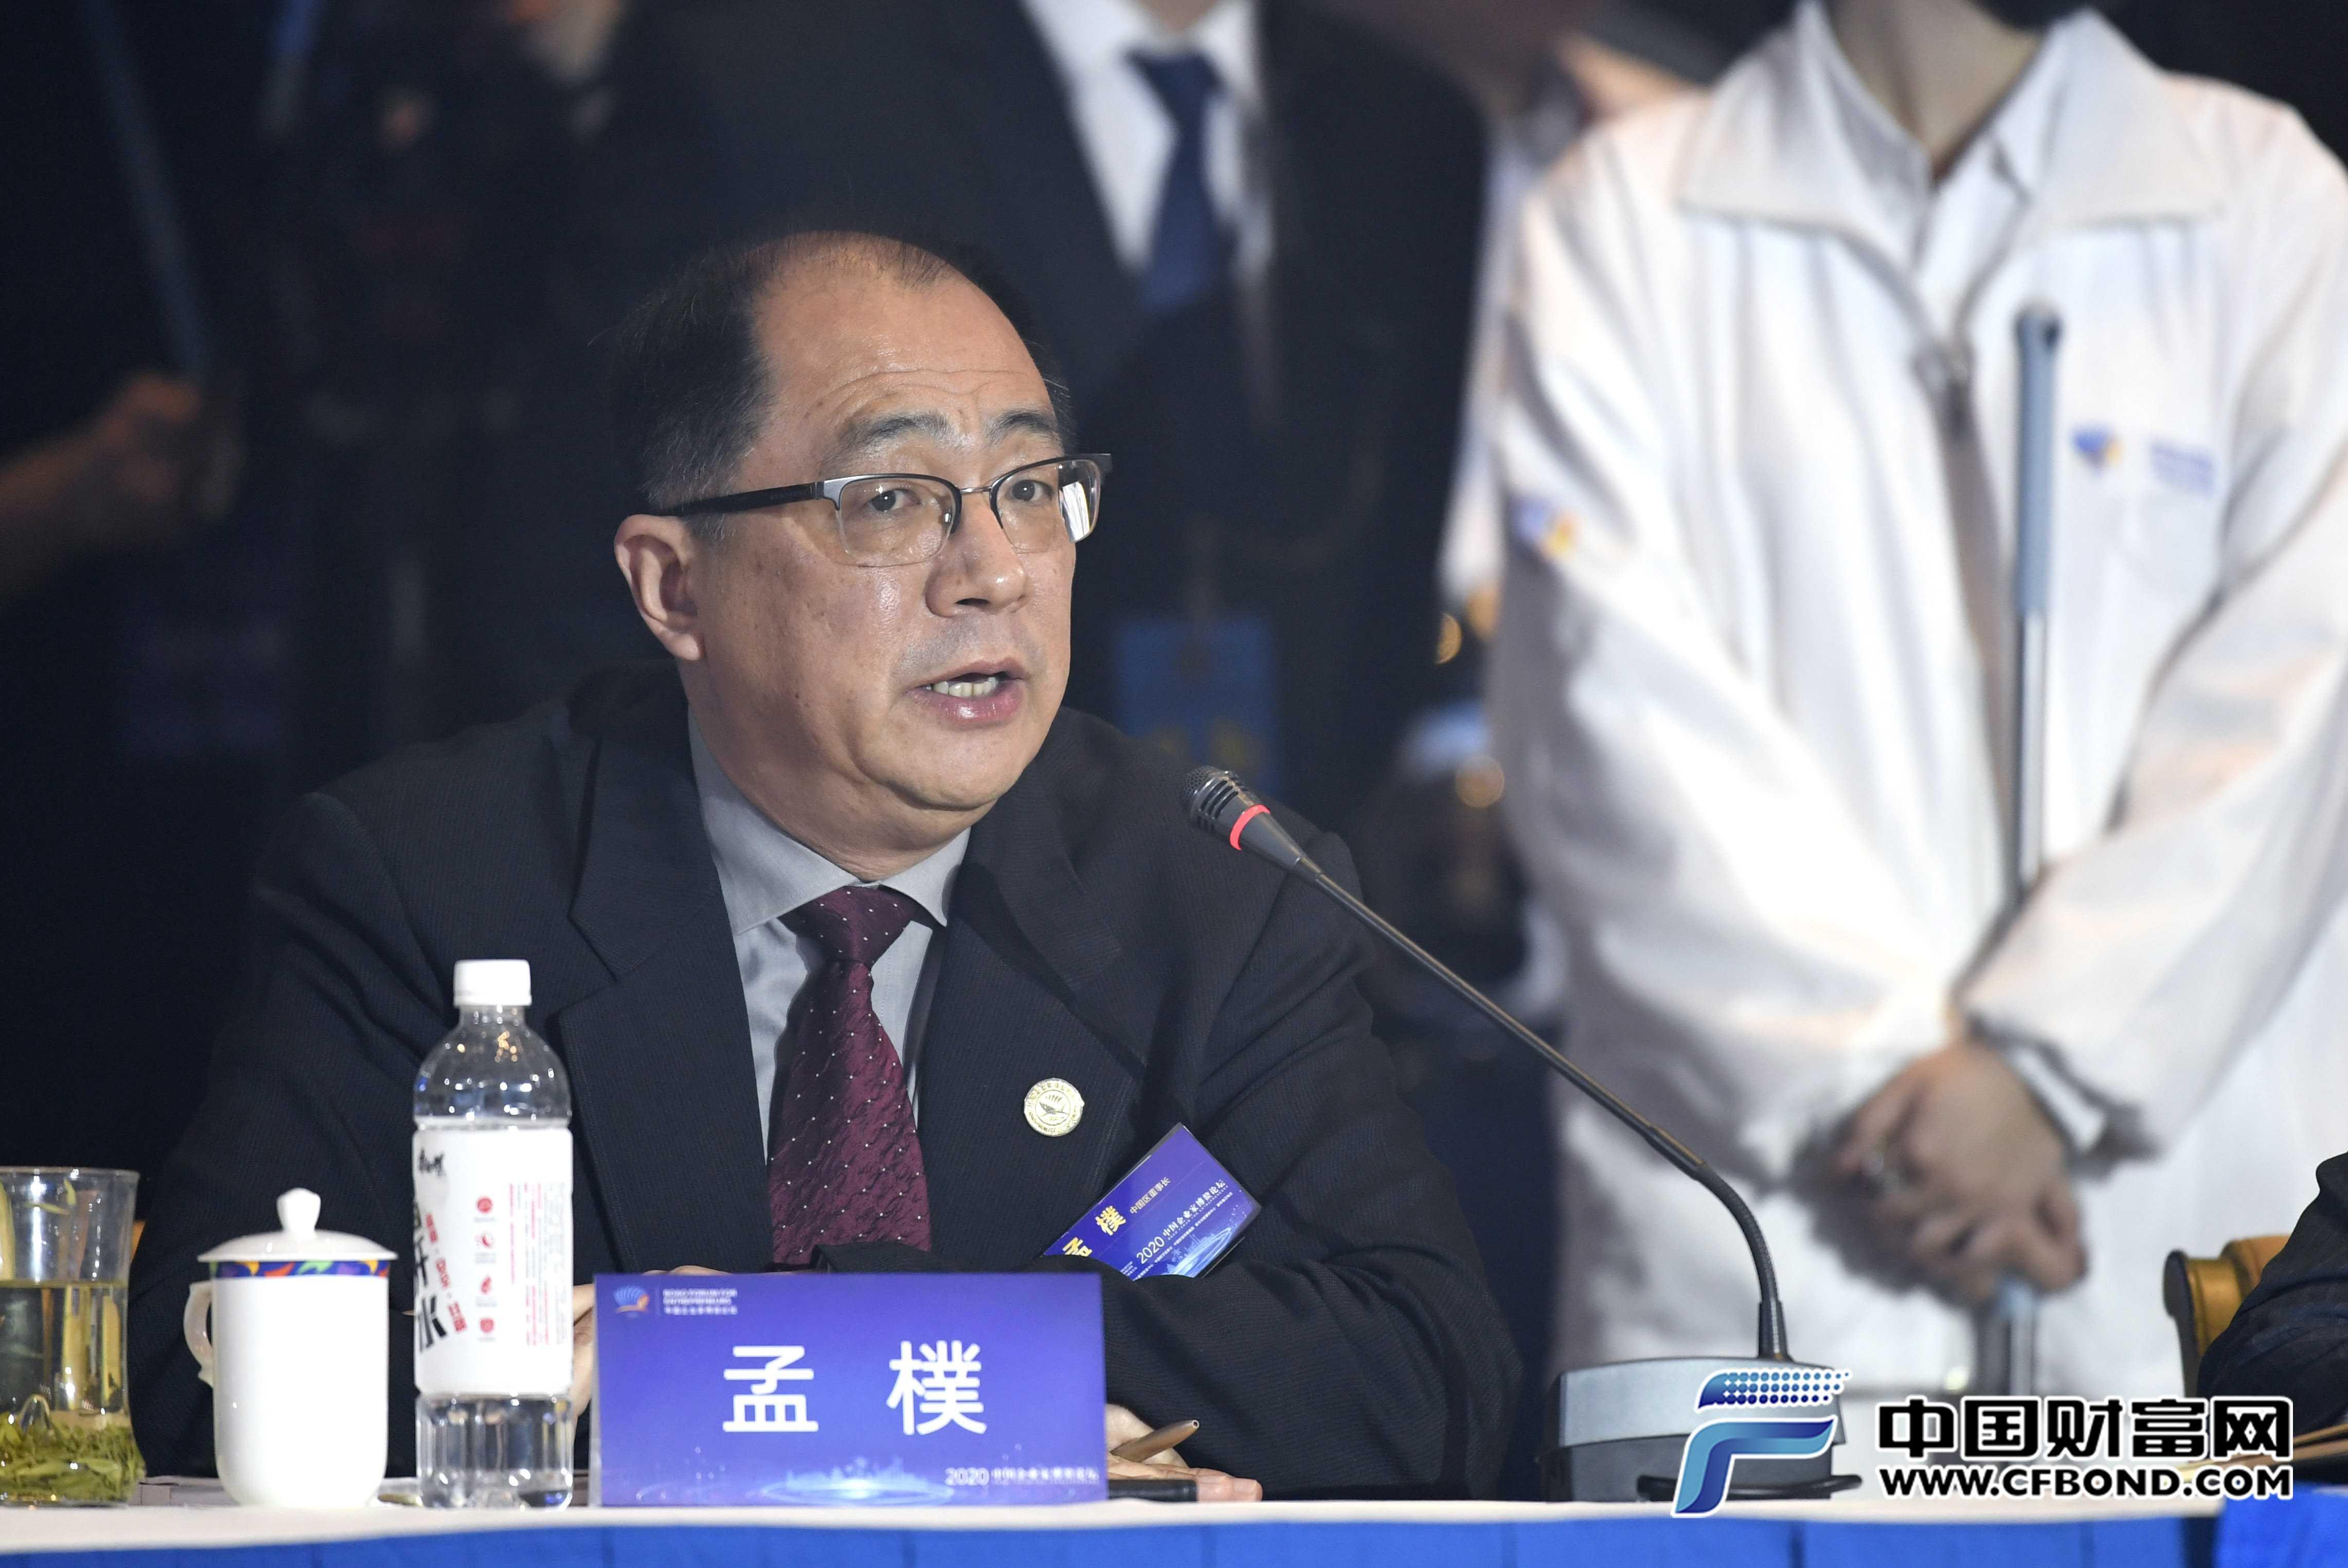 高通公司中国区董事长孟樸